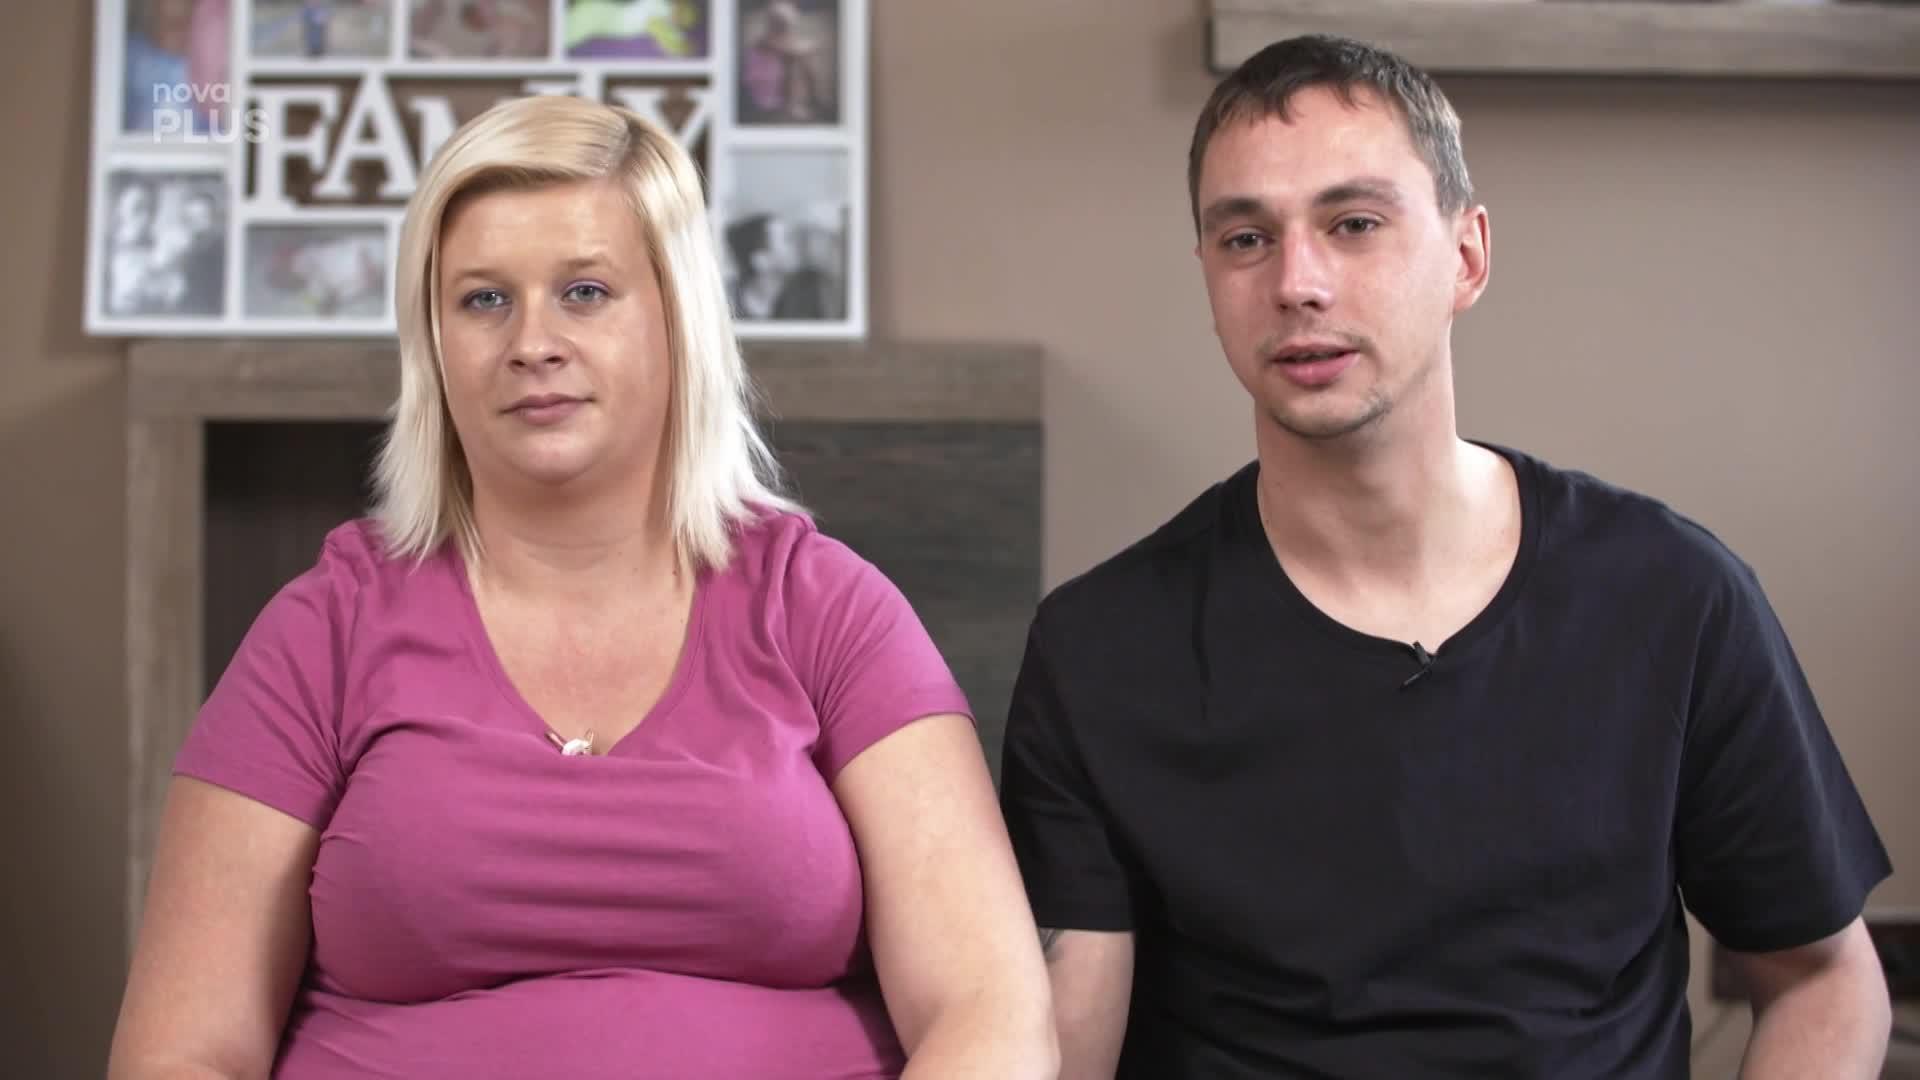 Nikola prozradila, co její partner oplakal. A co se u nich od natáčení změnilo?